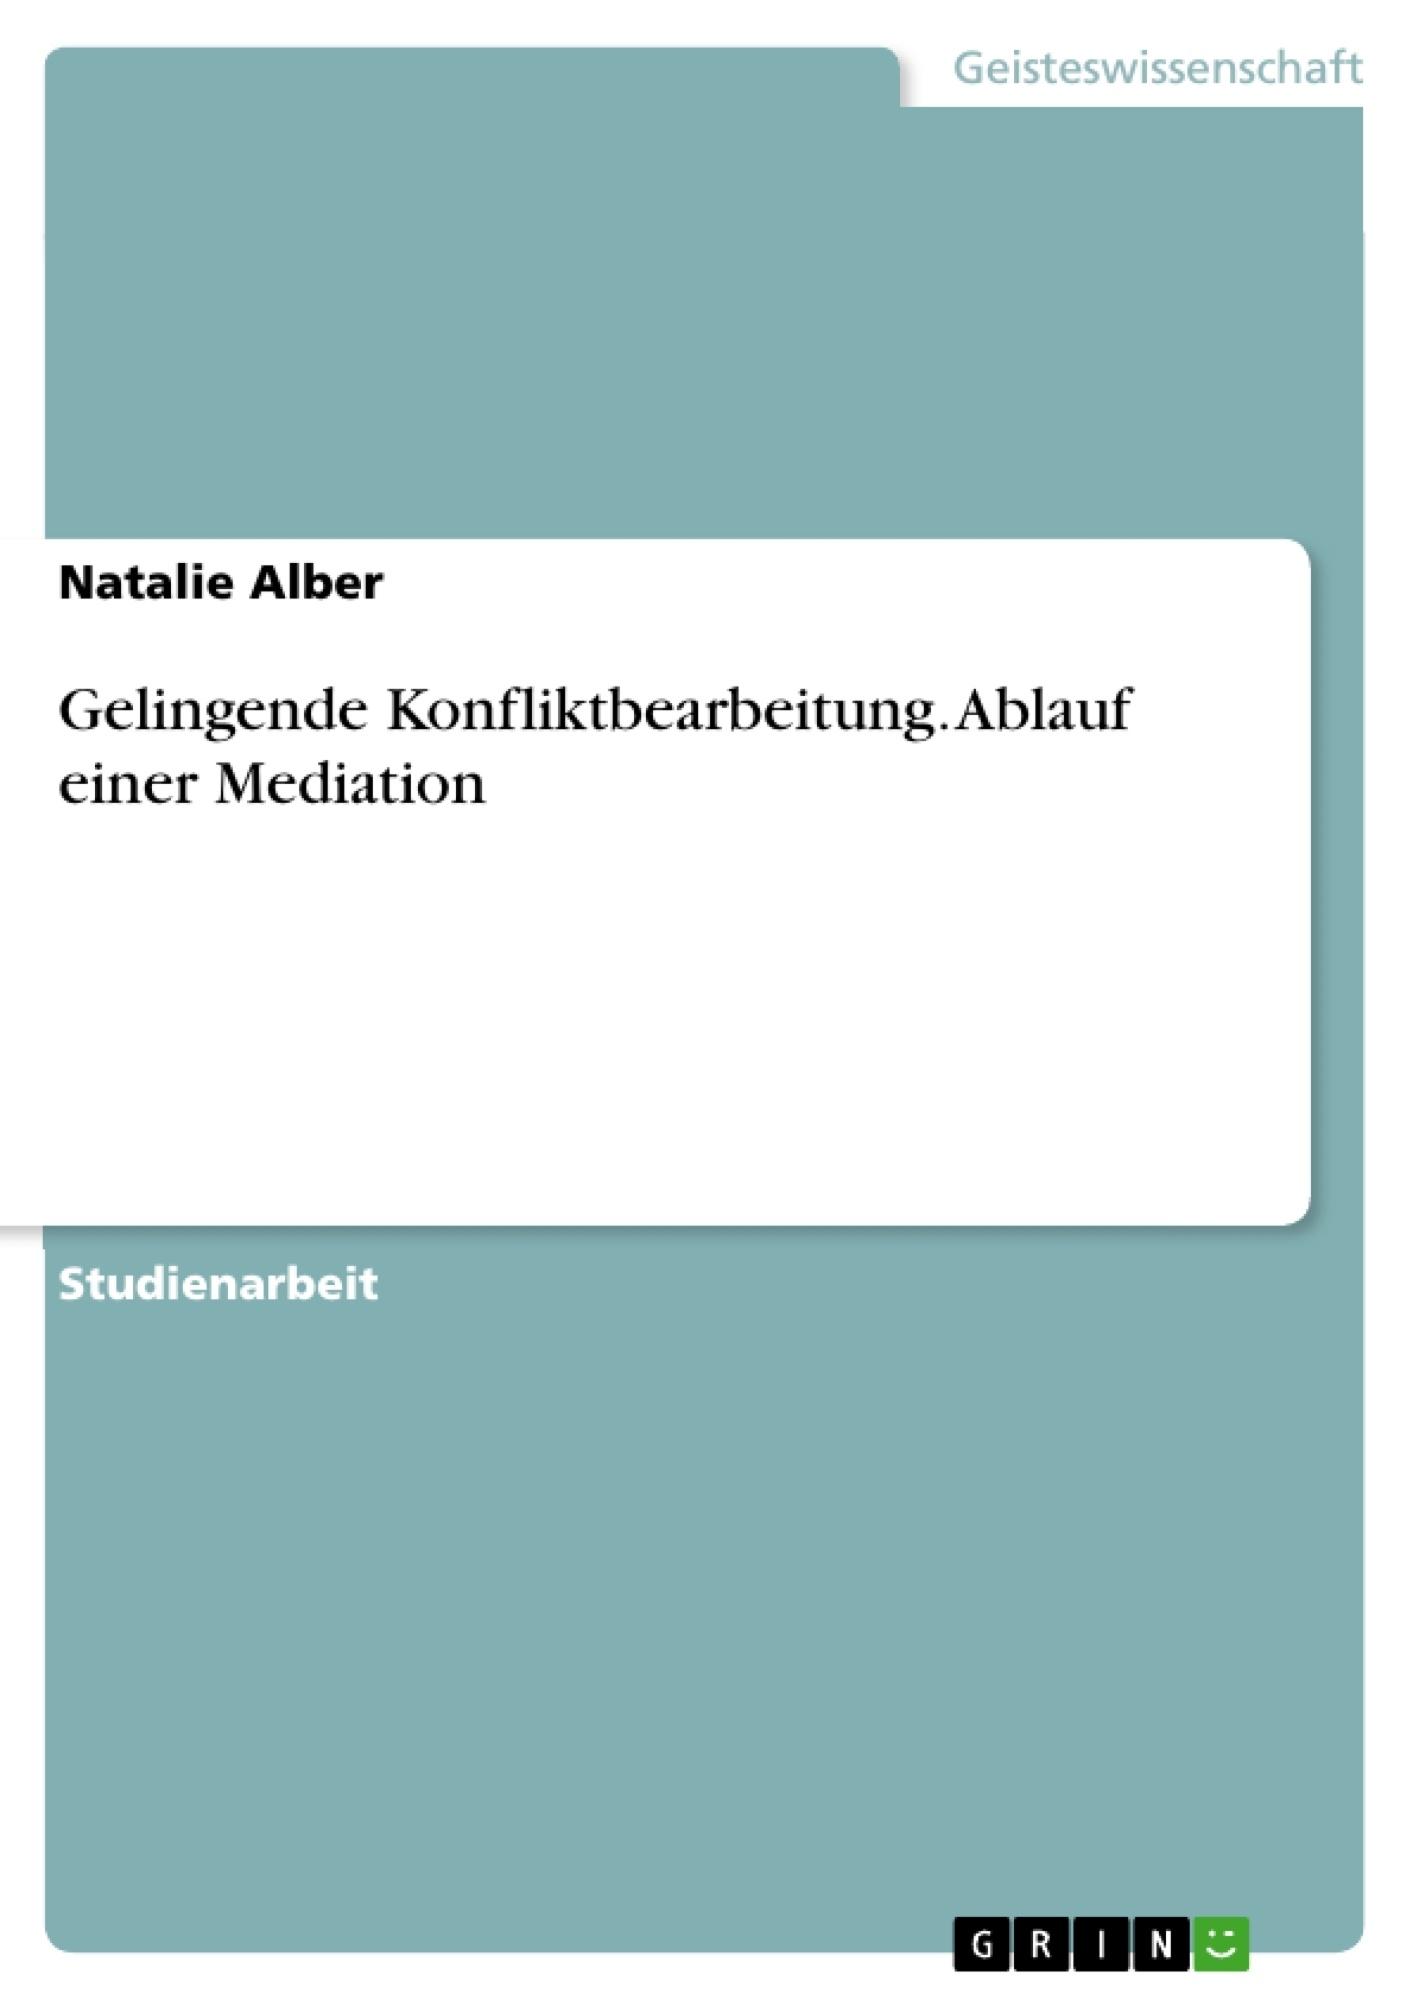 Titel: Gelingende Konfliktbearbeitung. Ablauf einer Mediation